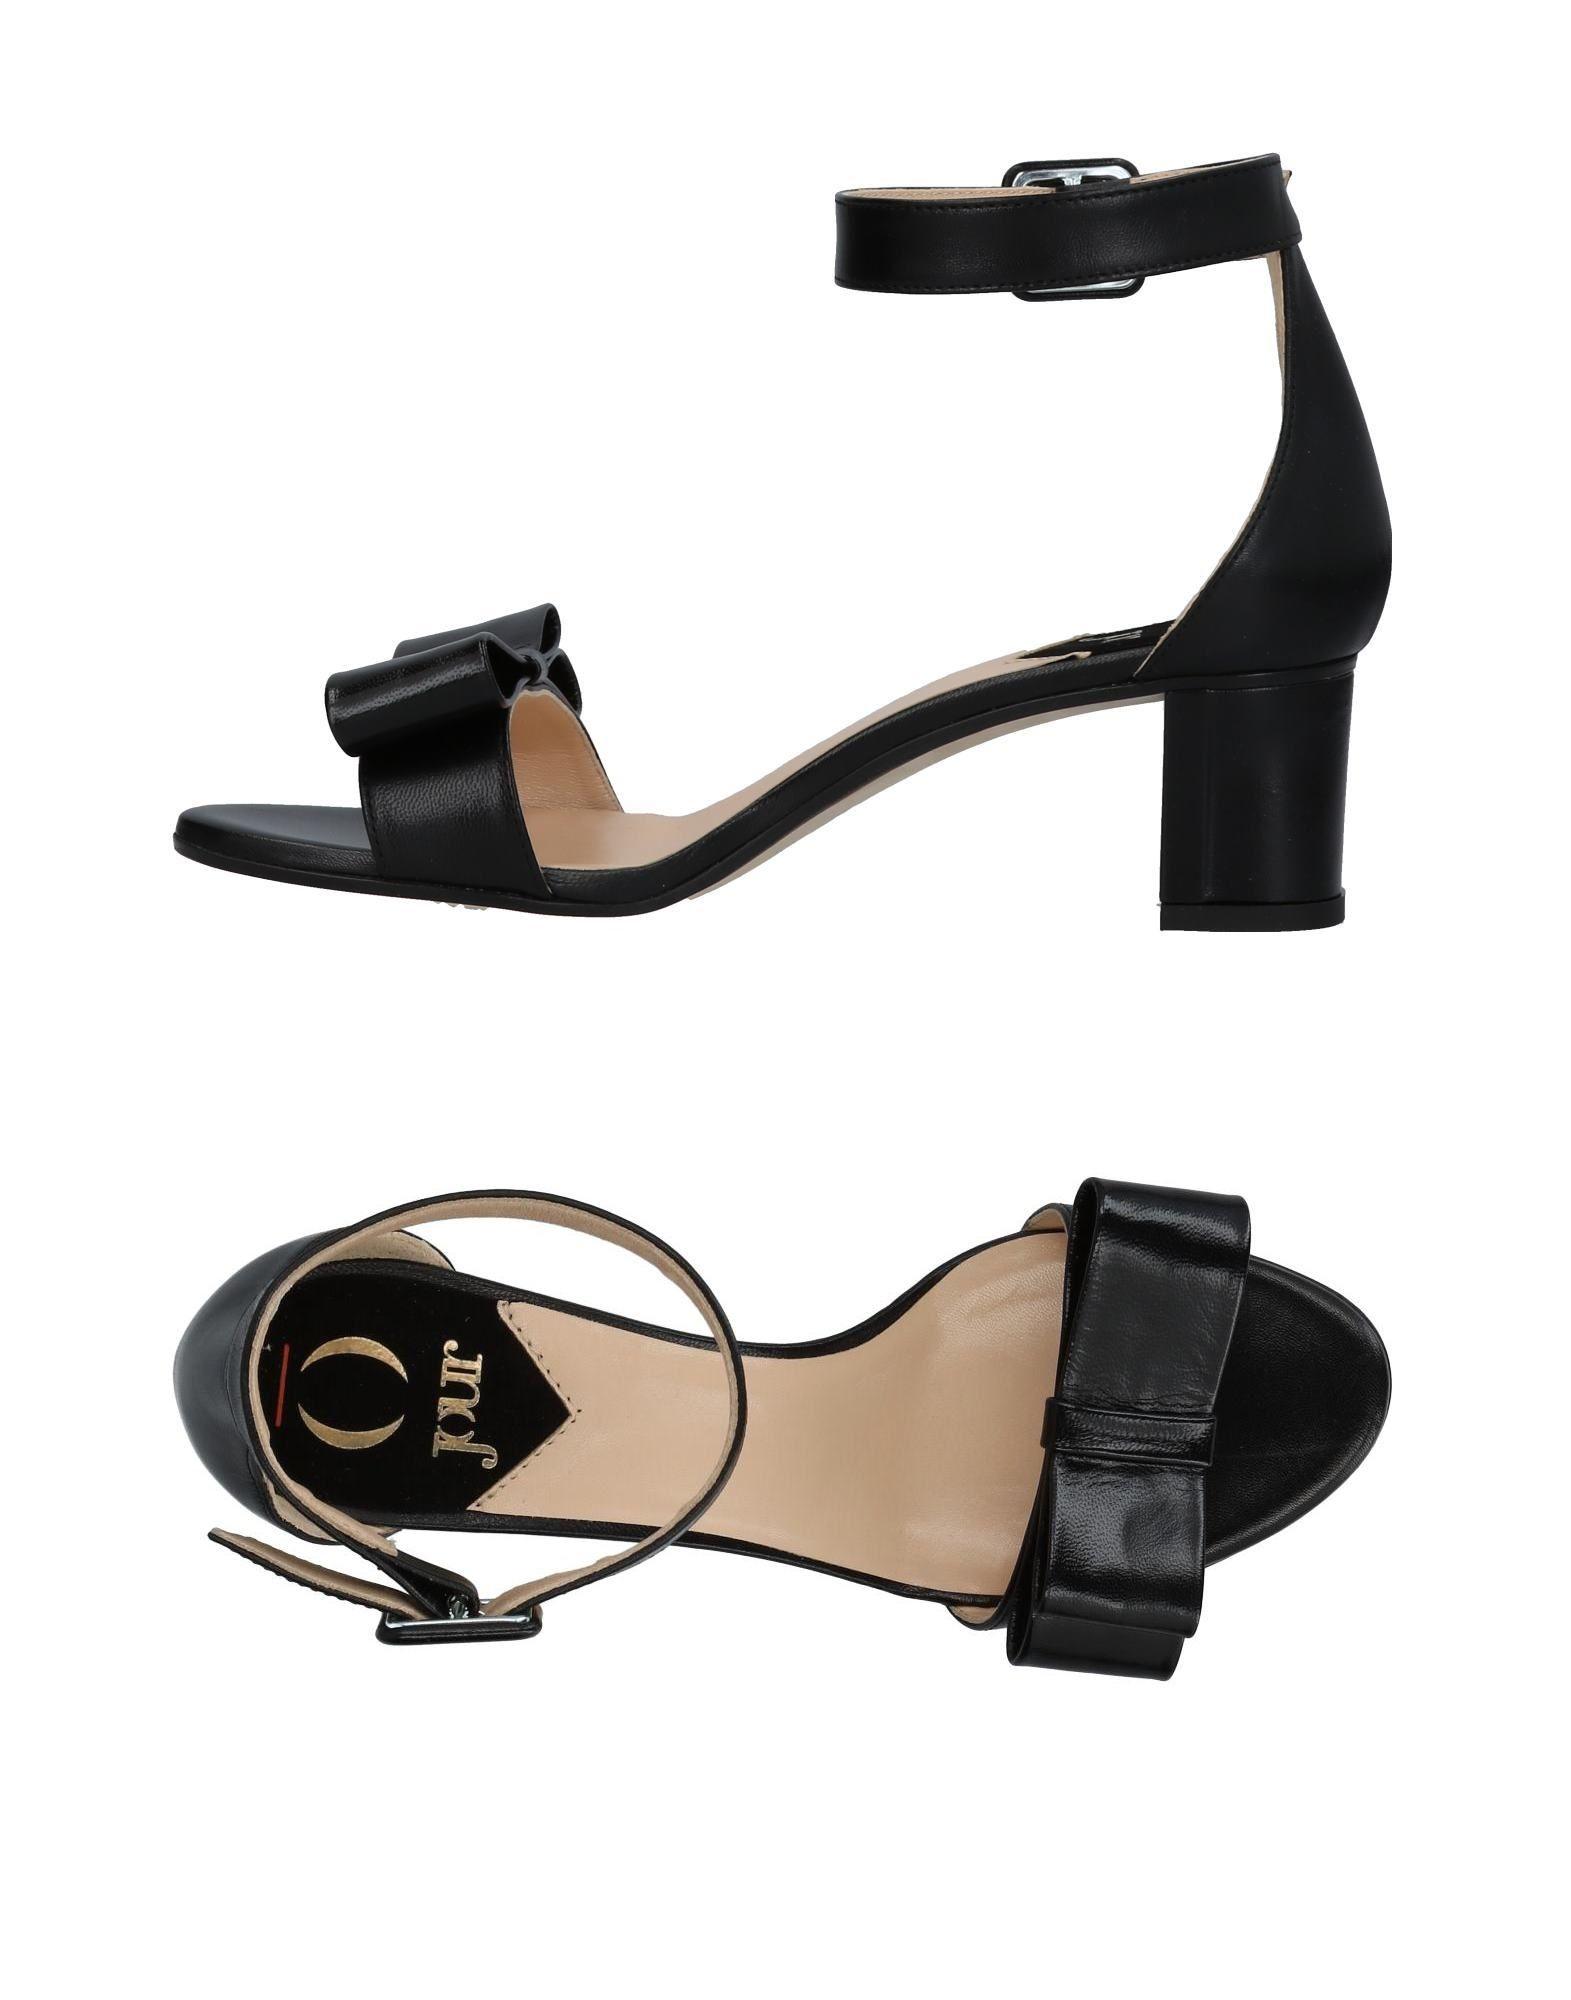 Sandales O Jour Femme - Sandales O Jour sur